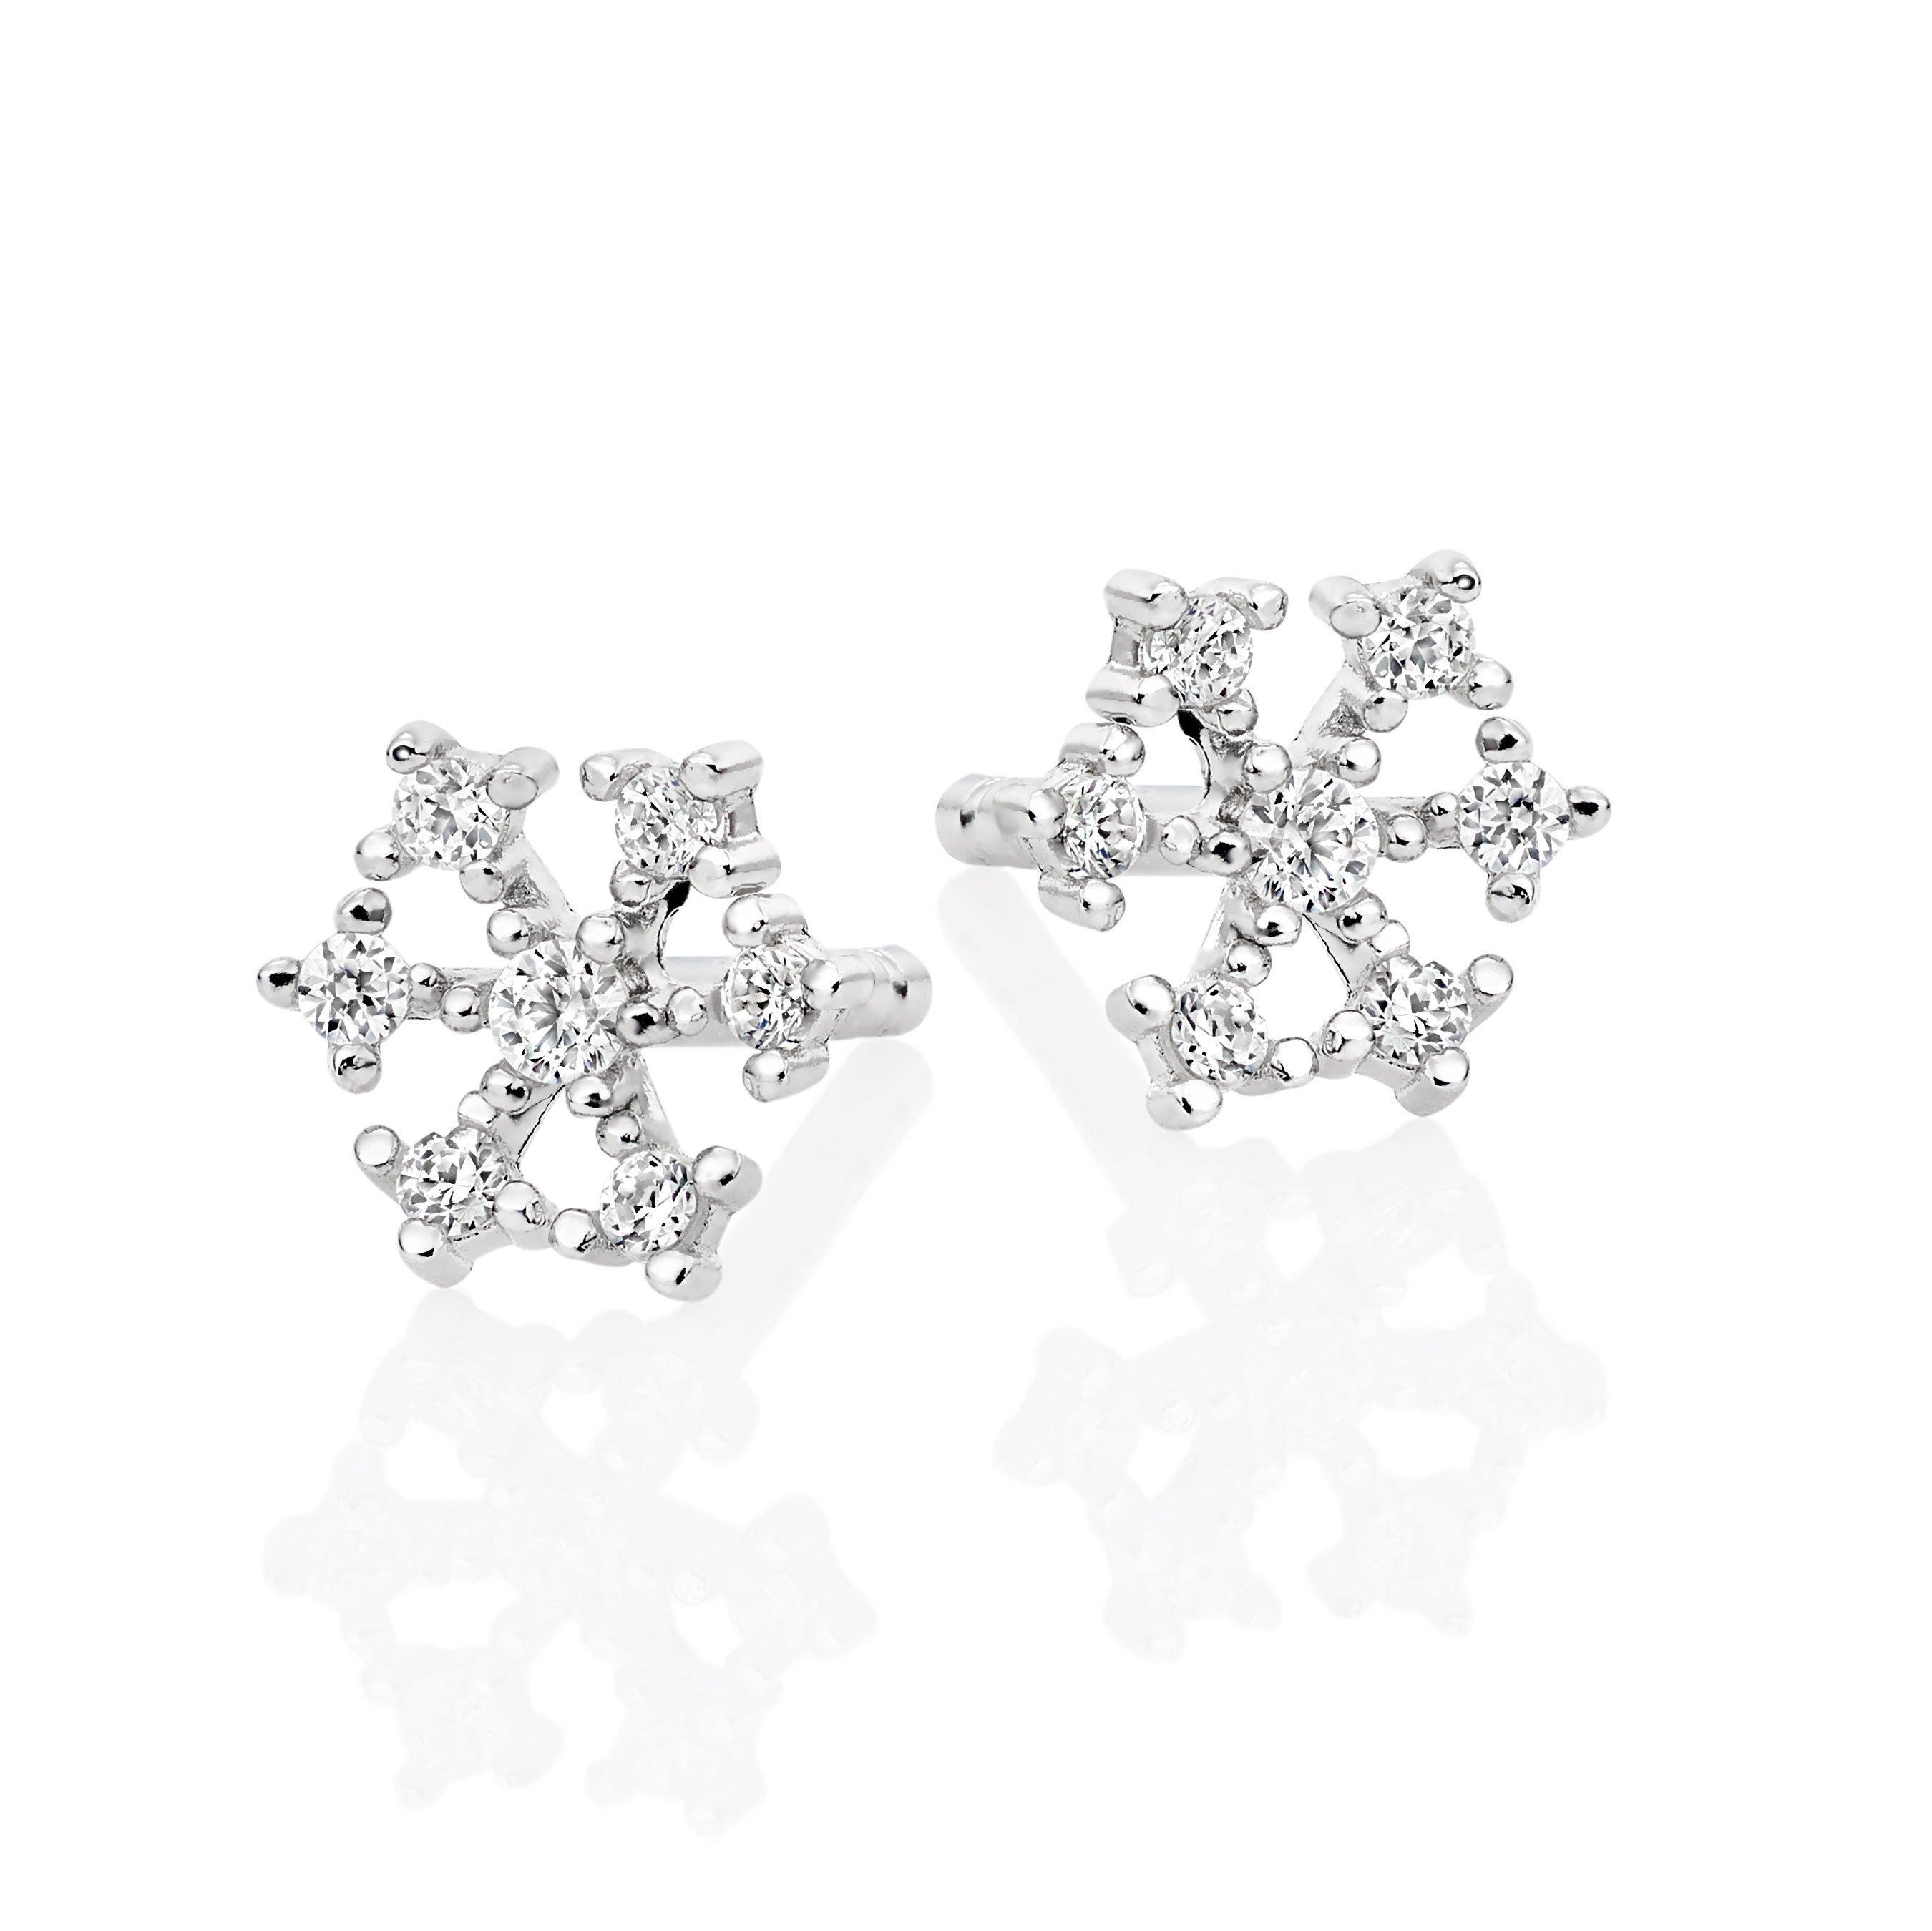 Silver Cubic Zirconia Snowflake Stud Earrings